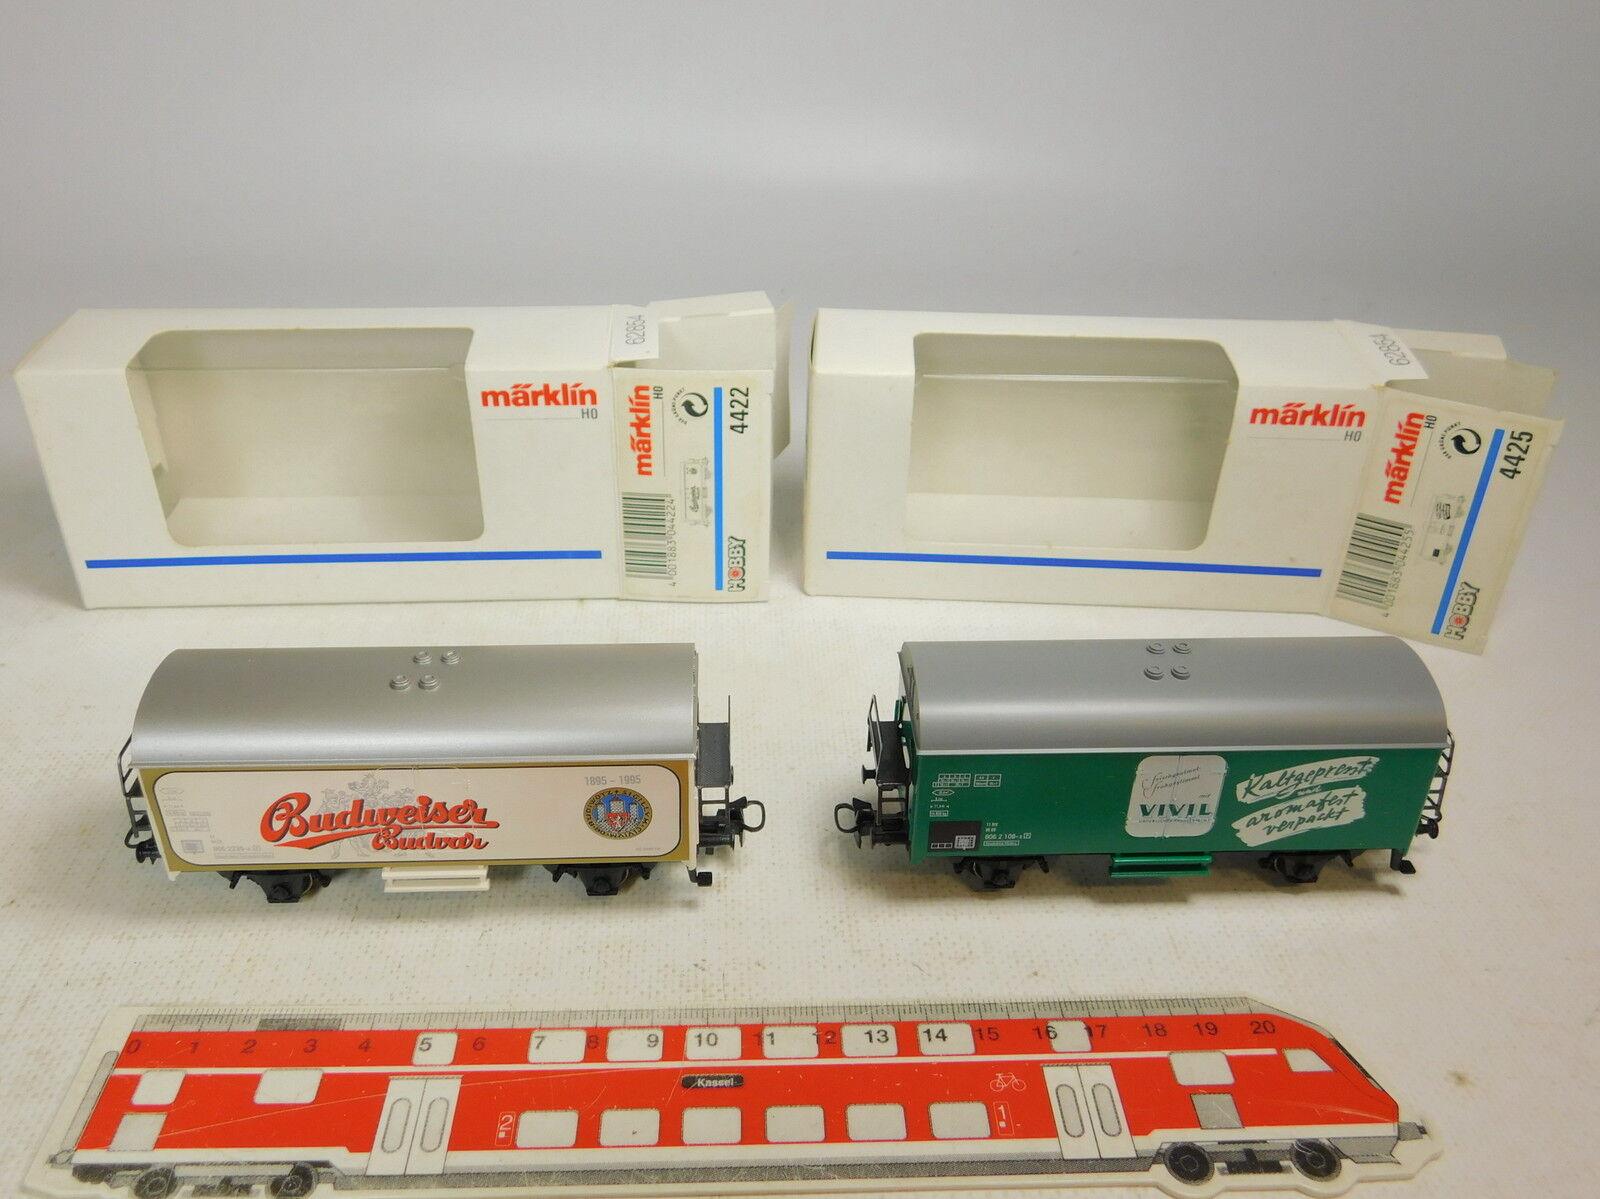 AU228-0,5x Märklin H0 AC Freight car  4422 Budweiser CD+4425  Vivil  DB NIP